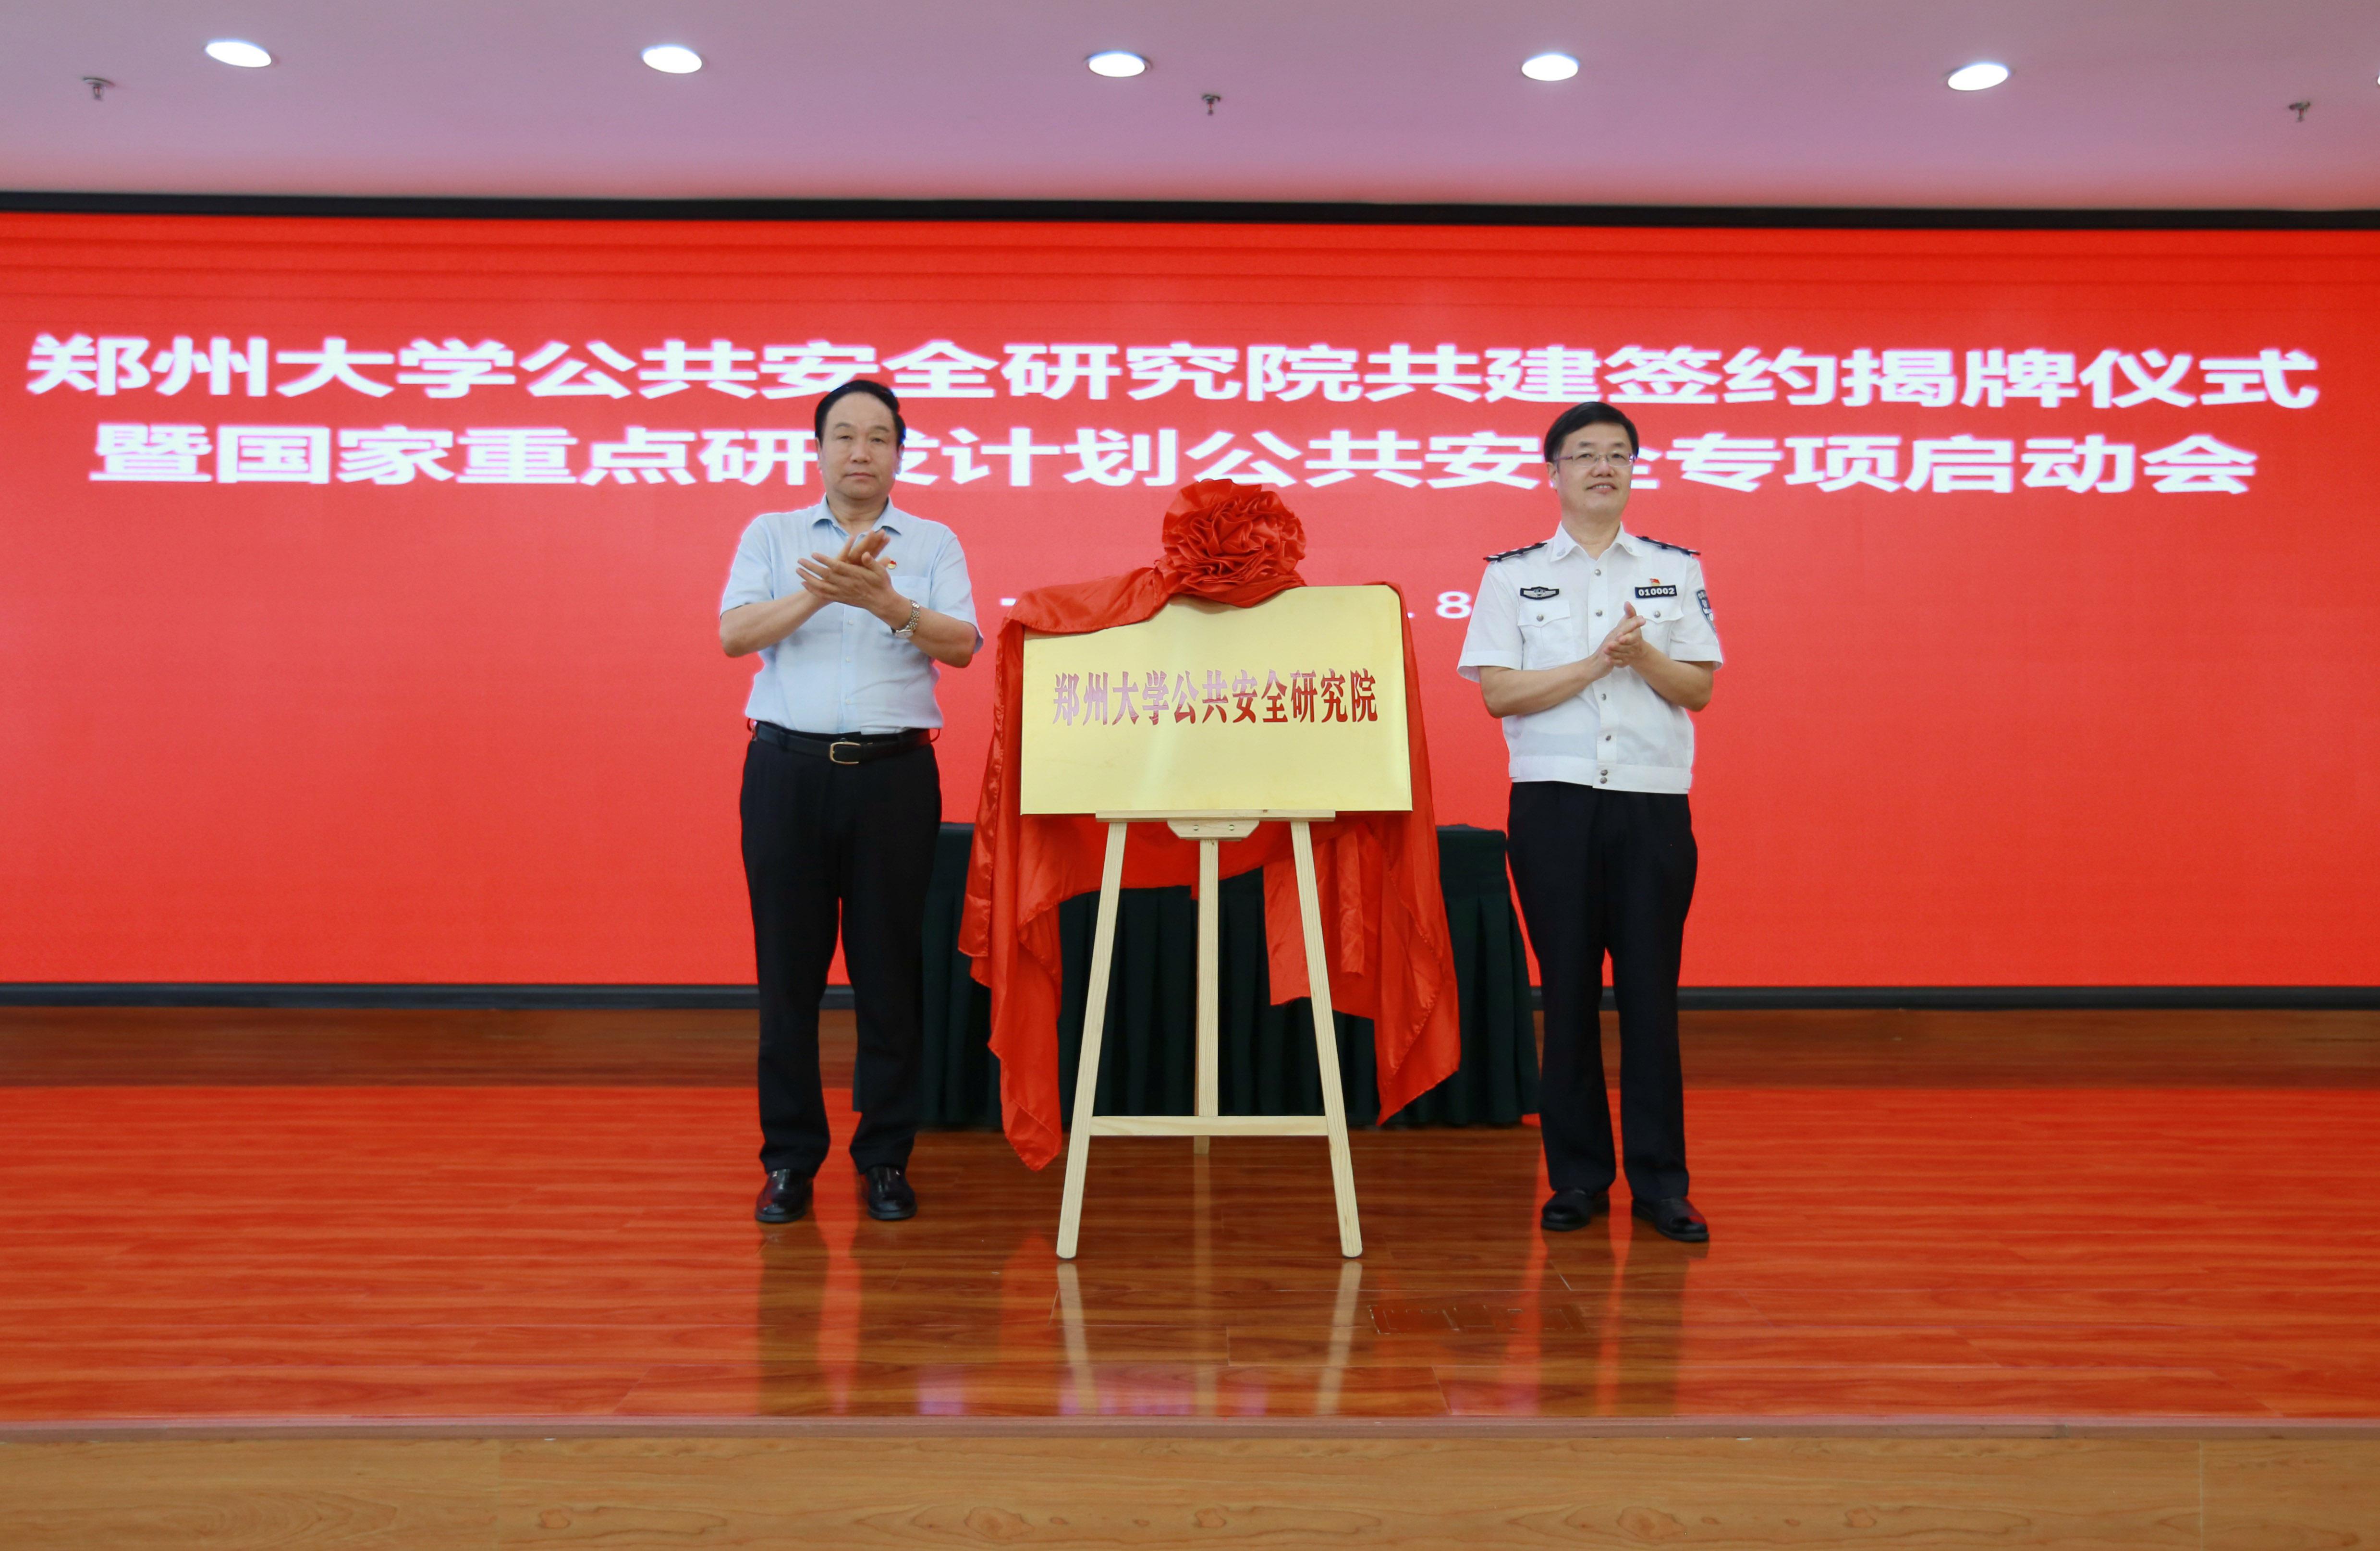 【领导动态】协会理事长出席郑州大学公共安全研究院揭牌仪式